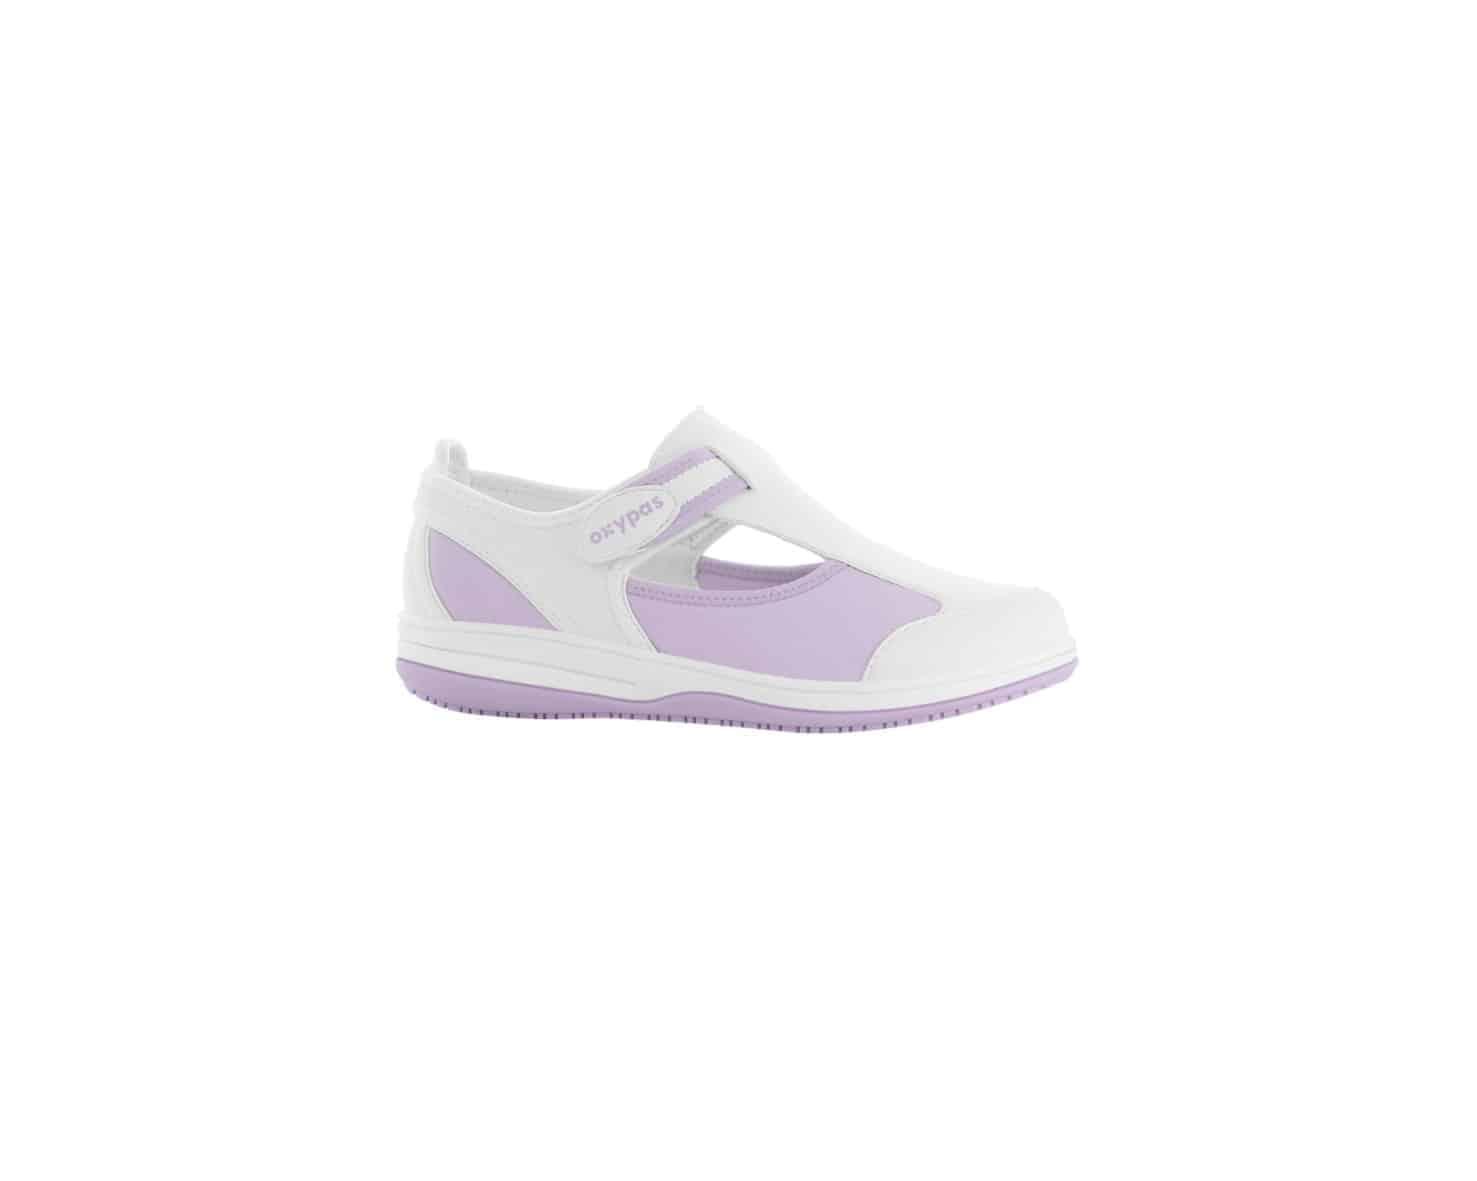 Oxypas Medilogic 'Candy' Comfortable Anti-slip, Anti-static, Washable Nursing Shoe